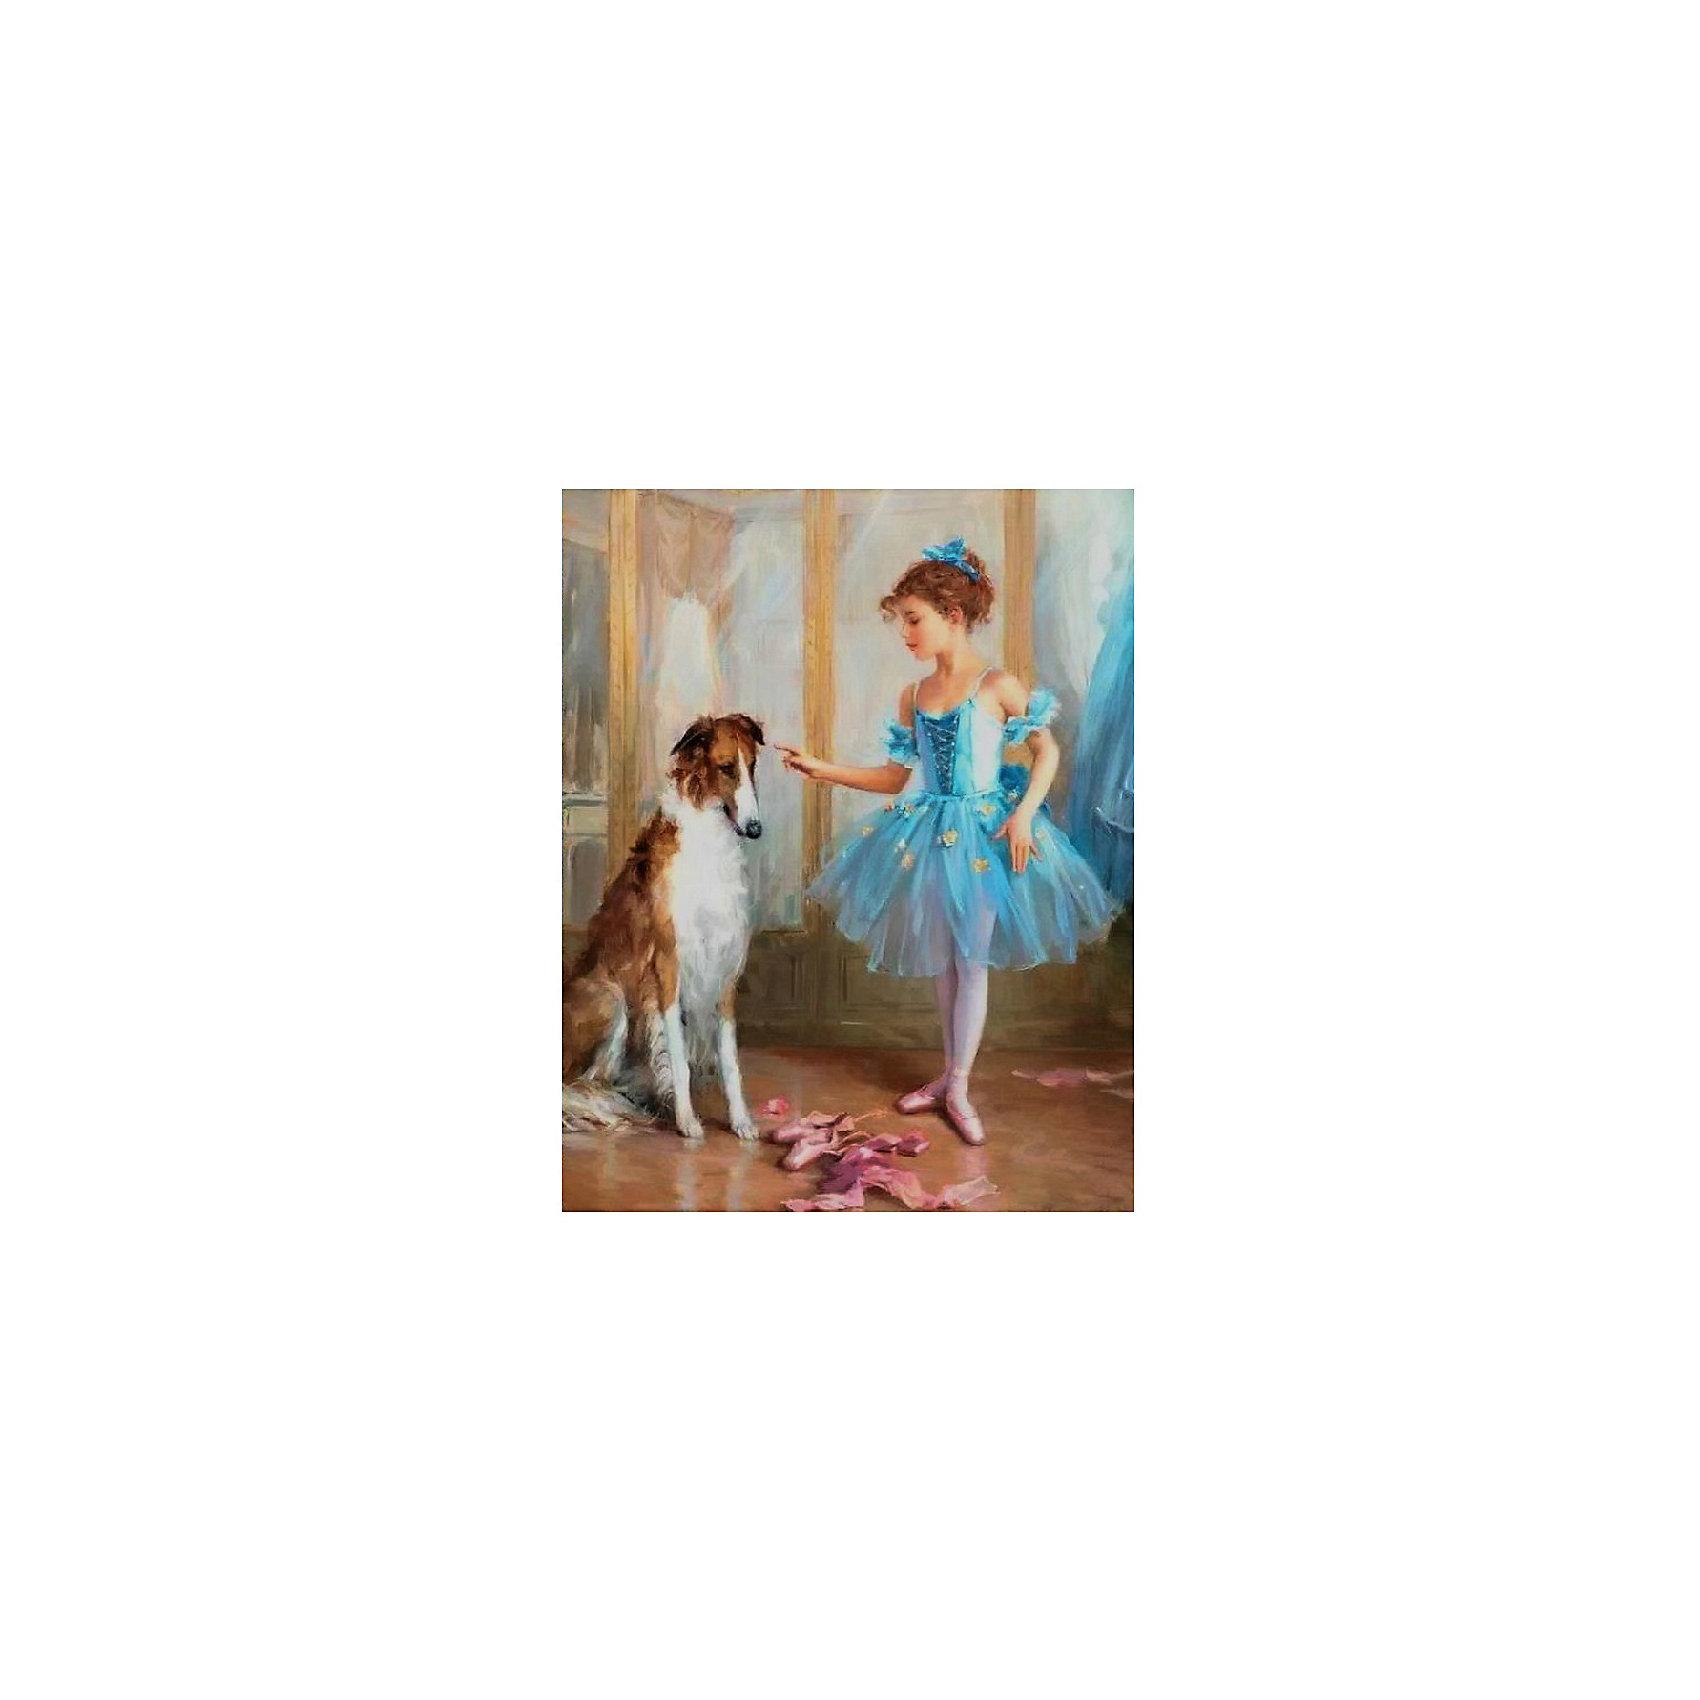 Картина по номерам К. Разумов: Разговор по душам, 40*50 смРисование<br>Картины с раскраской по номерам размером 40*50. На деревянном подрамнике, с прогрунтованным холстом и  нанесенными контурами картины, с указанием цвета закраски, акриловыми красками, 3 кисточками и креплением на стену. Уровень сложности, количество красок указаны на коробке.<br><br>Ширина мм: 500<br>Глубина мм: 400<br>Высота мм: 40<br>Вес г: 730<br>Возраст от месяцев: 108<br>Возраст до месяцев: 2147483647<br>Пол: Унисекс<br>Возраст: Детский<br>SKU: 5417708